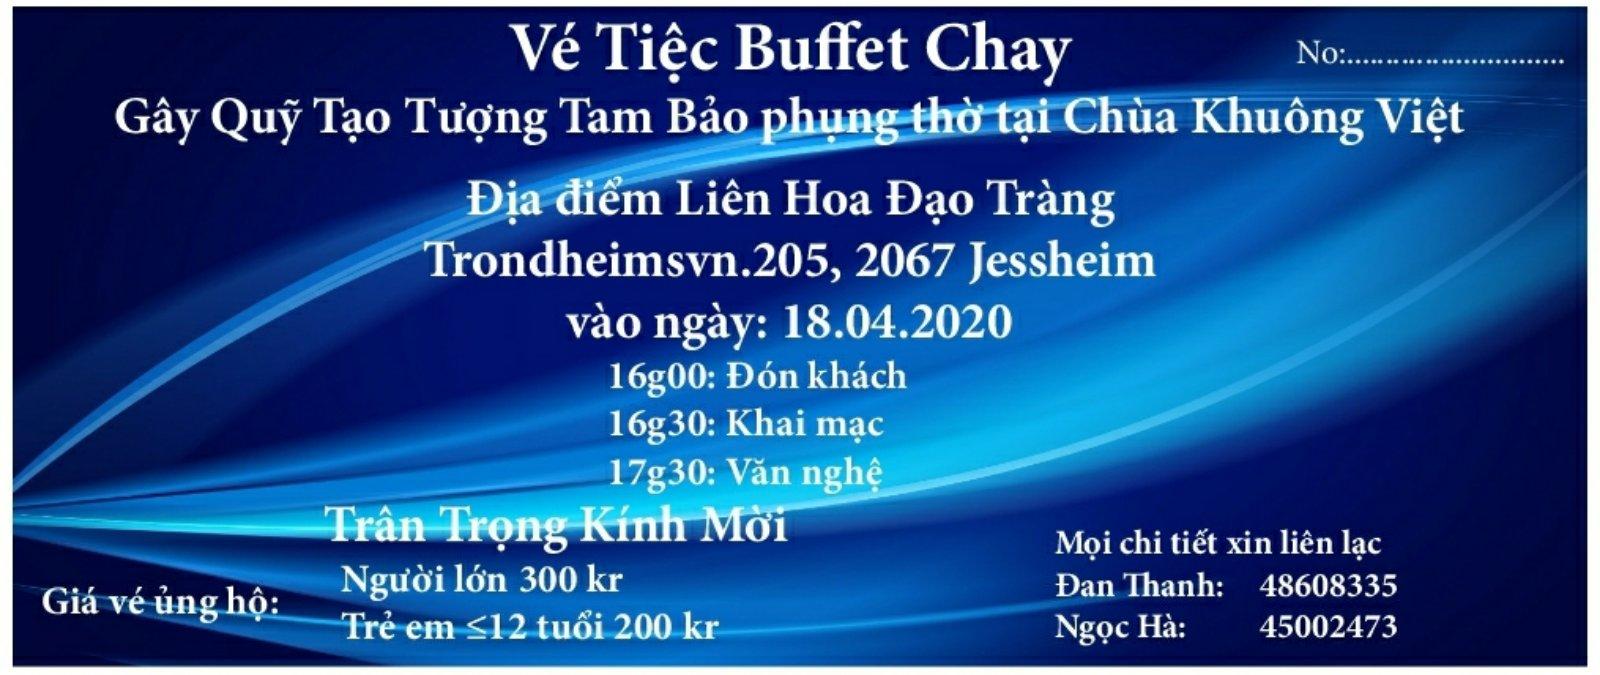 LHĐT – Thông Báo Vé Tiệc Buffet Chay 18.04.2020